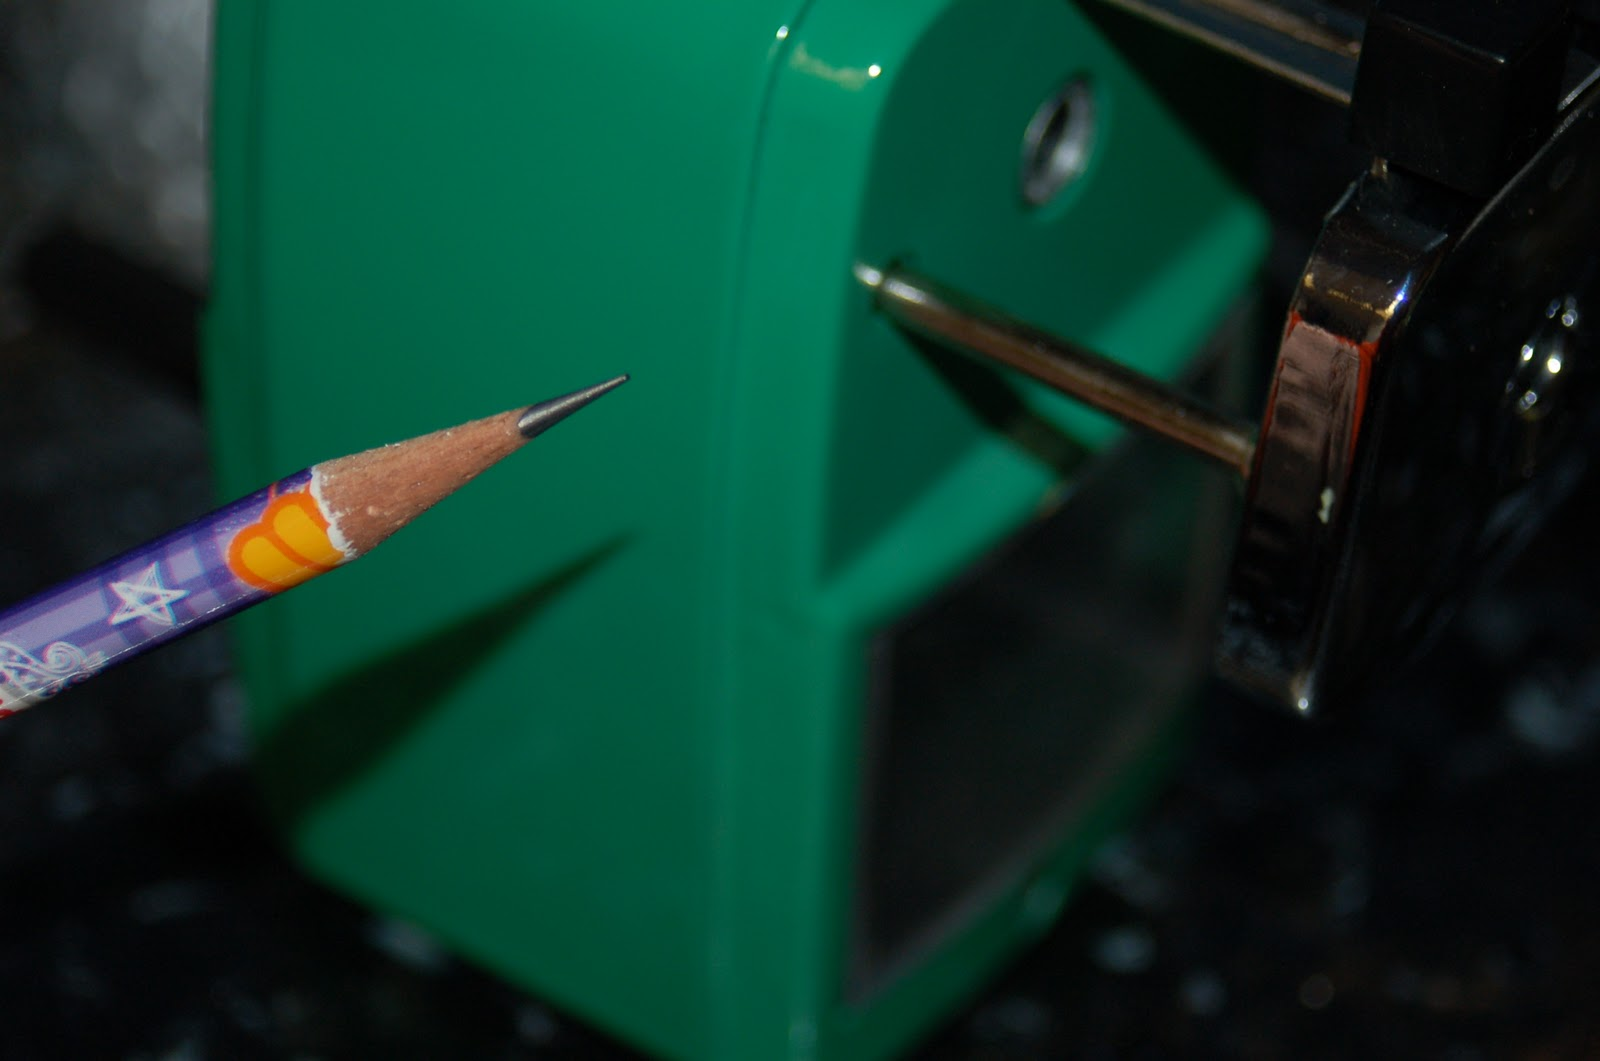 how to use waterwheel sharpener